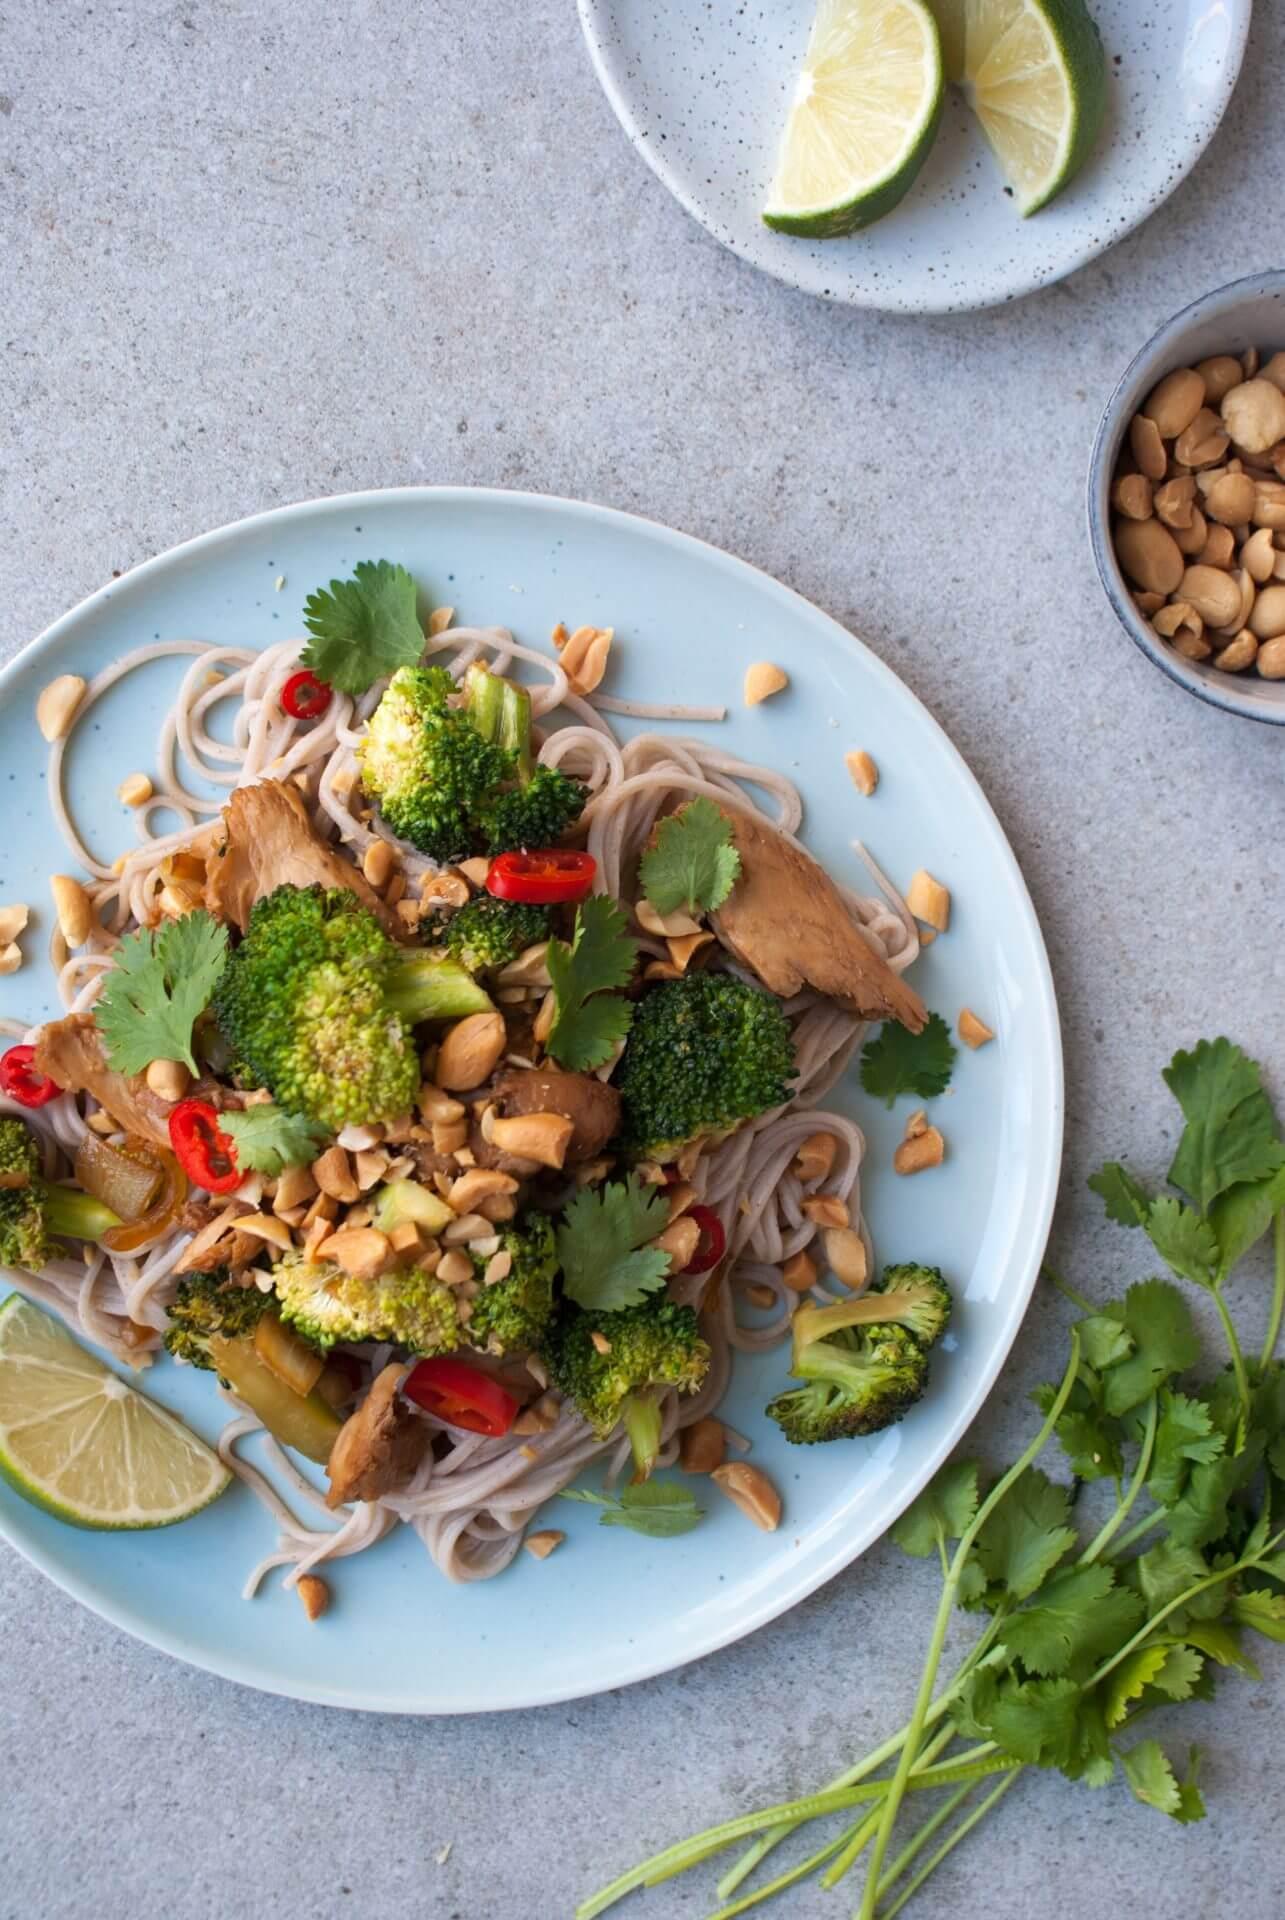 gerechten-met-vegetarische-kip